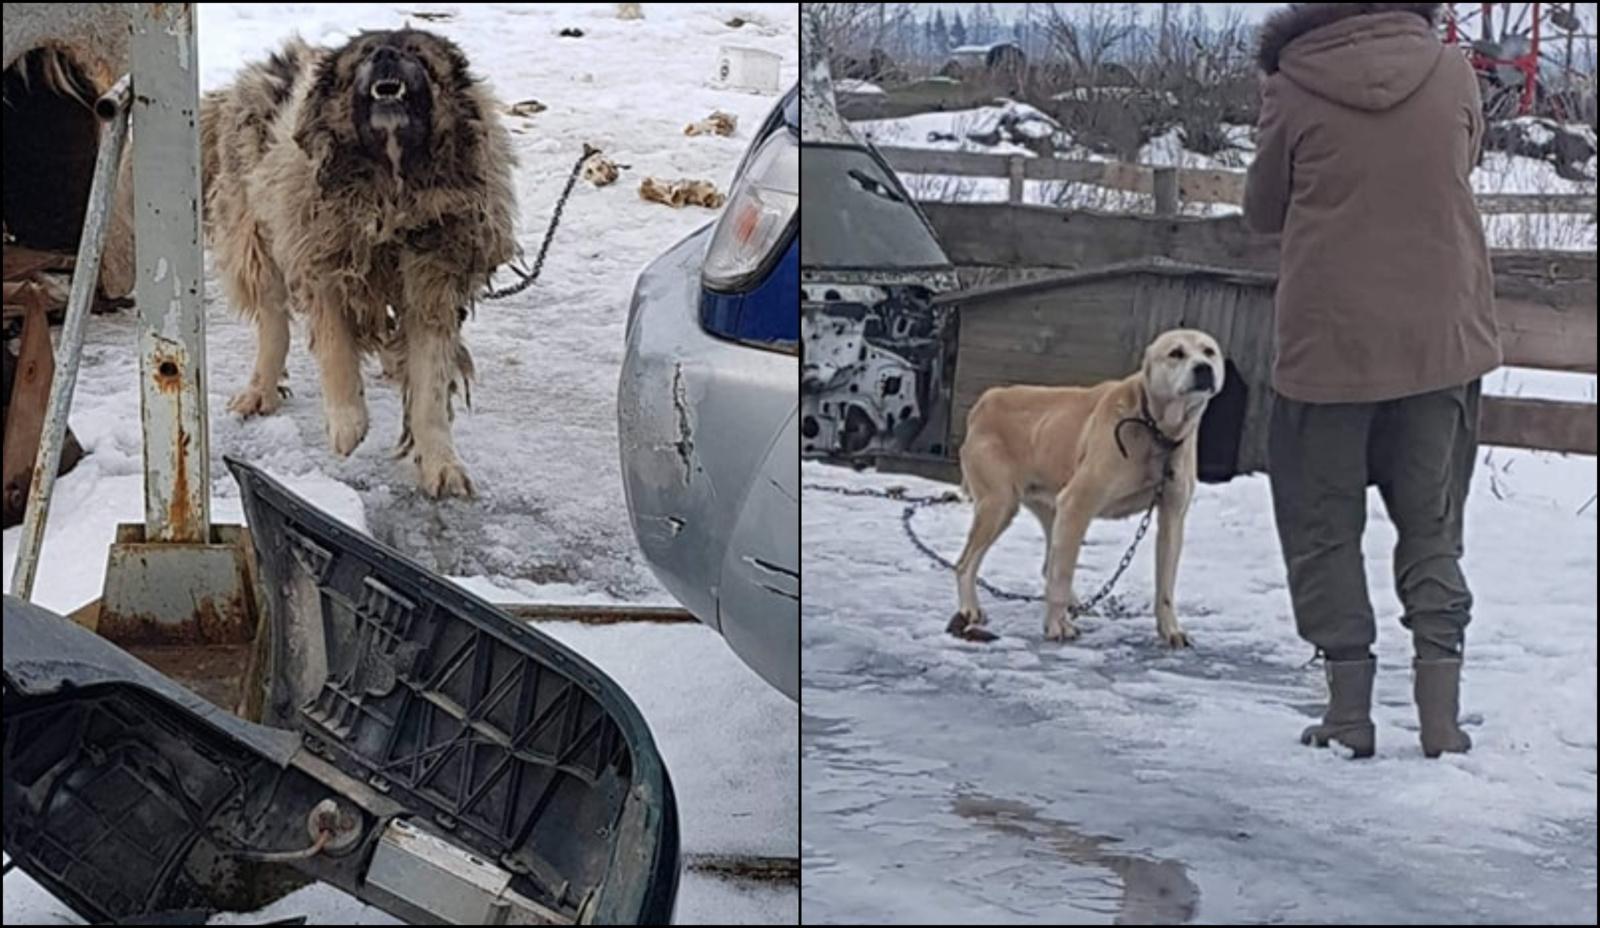 Žiaurumo protrūkis Šiaulių rajono ūkyje: įtariama, jog neprižiūrimas šuo nudvėsė iš bado (papildyta)